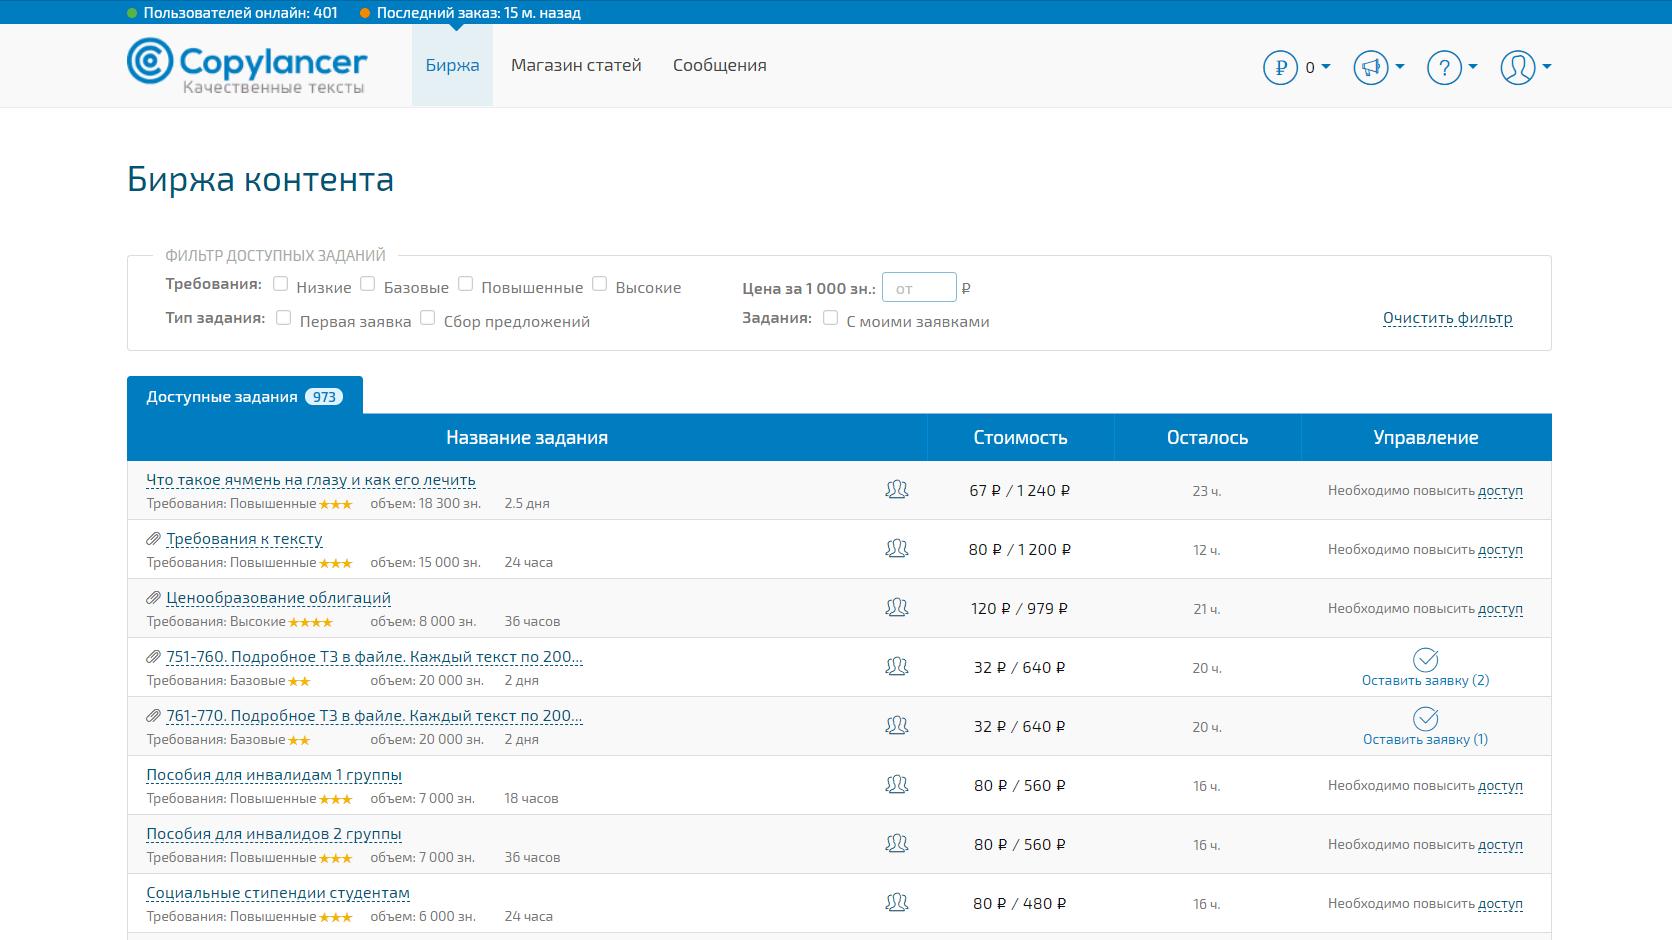 Copylancer - биржа копирайтинга для новичков